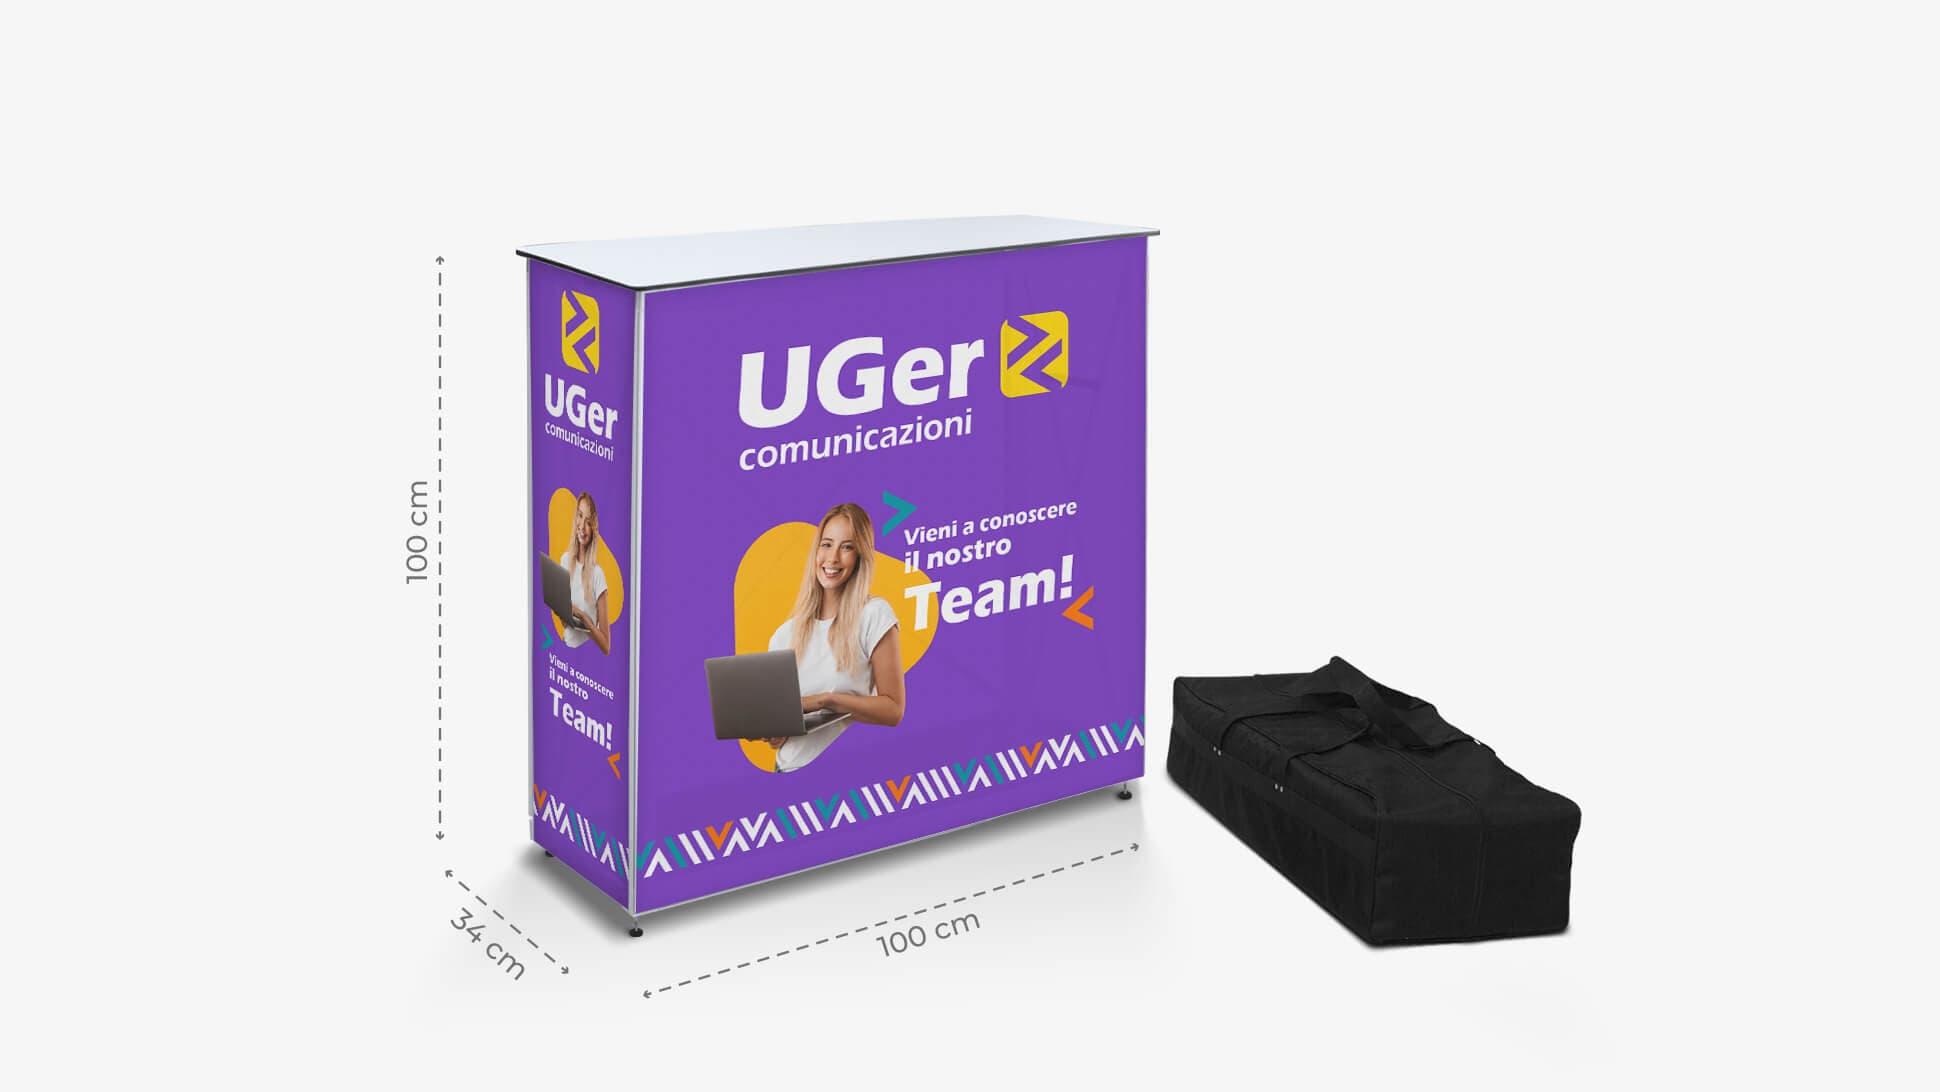 Desk promozionale con borsone | tictac.it